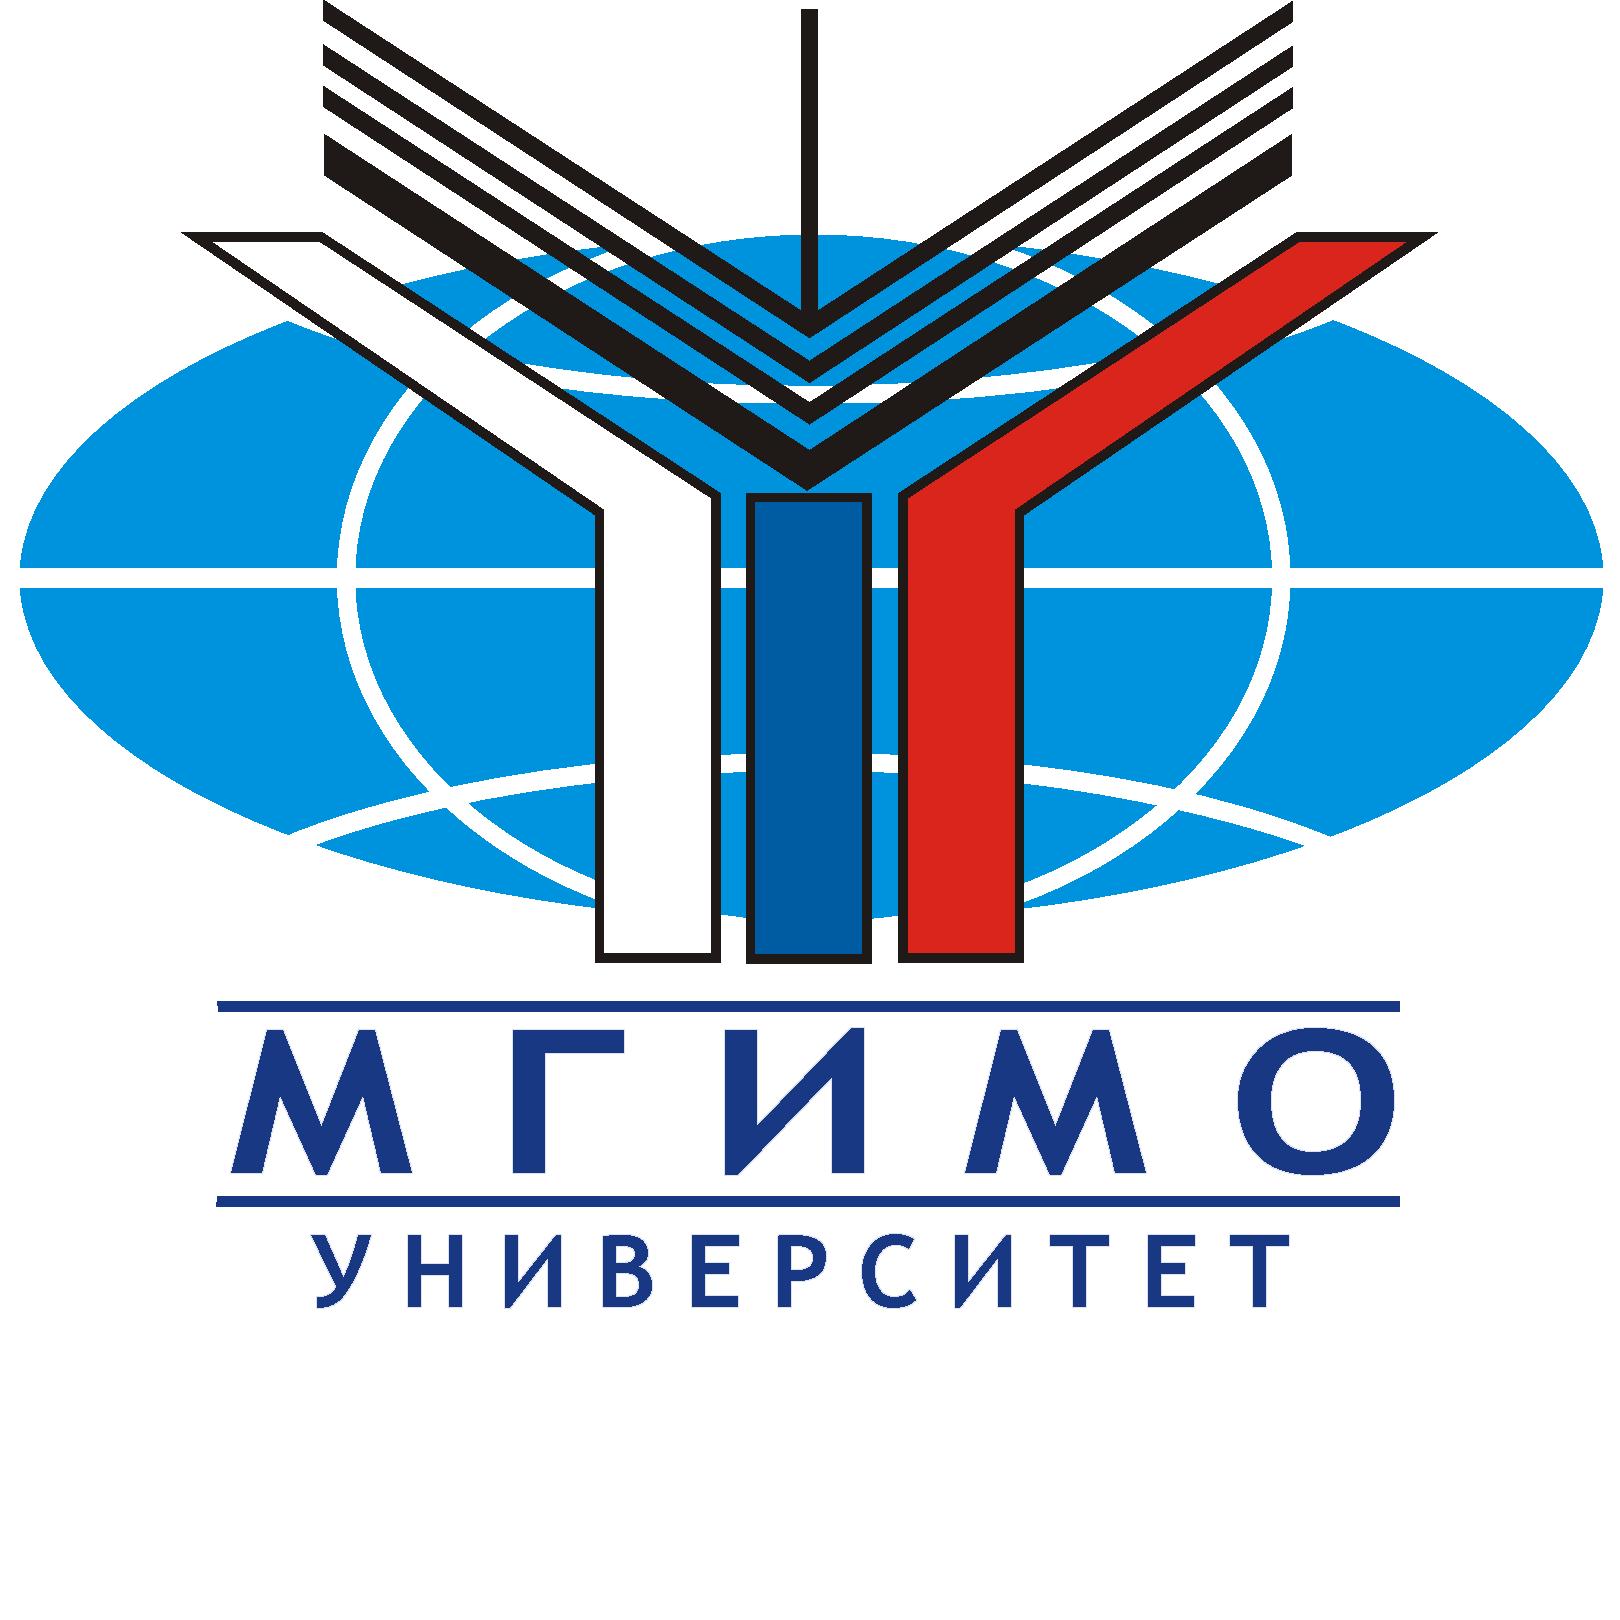 MGIMO_1